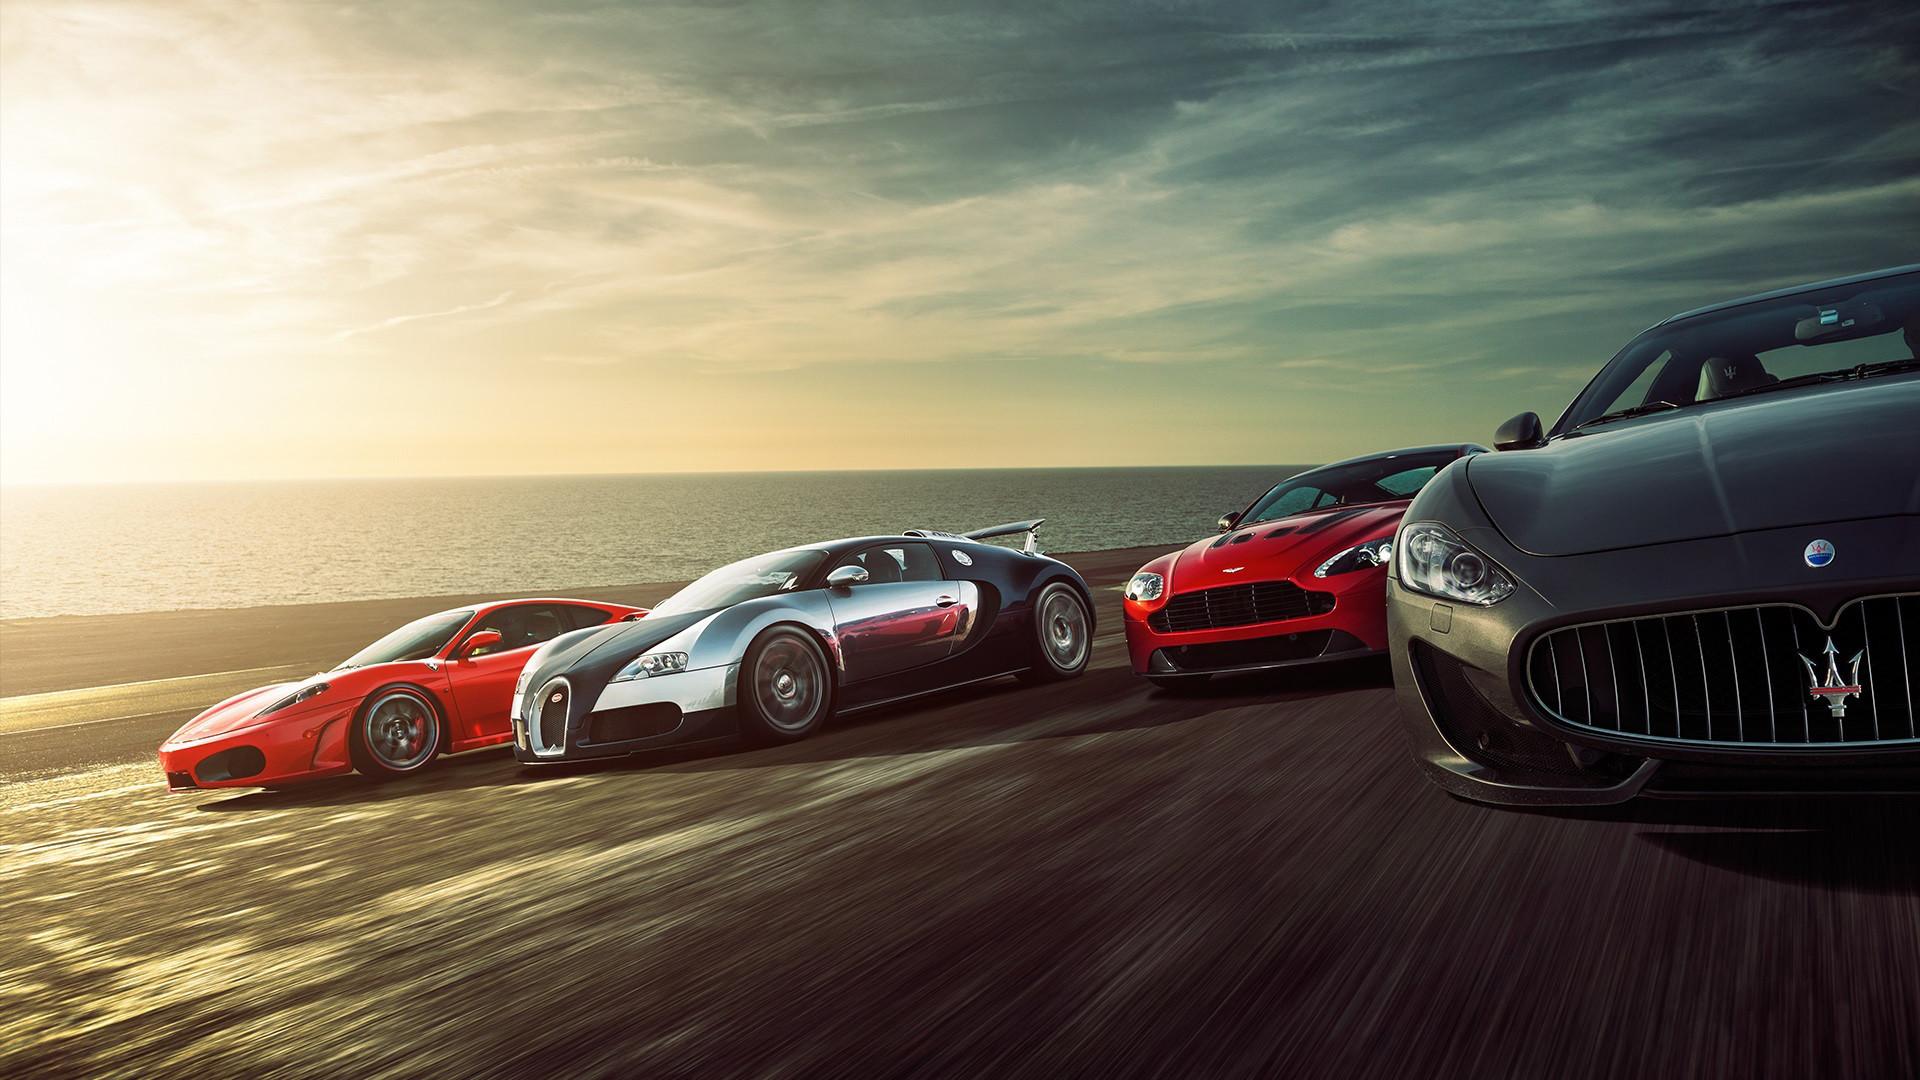 Racing Cars Wallpaper -① WallpaperTag